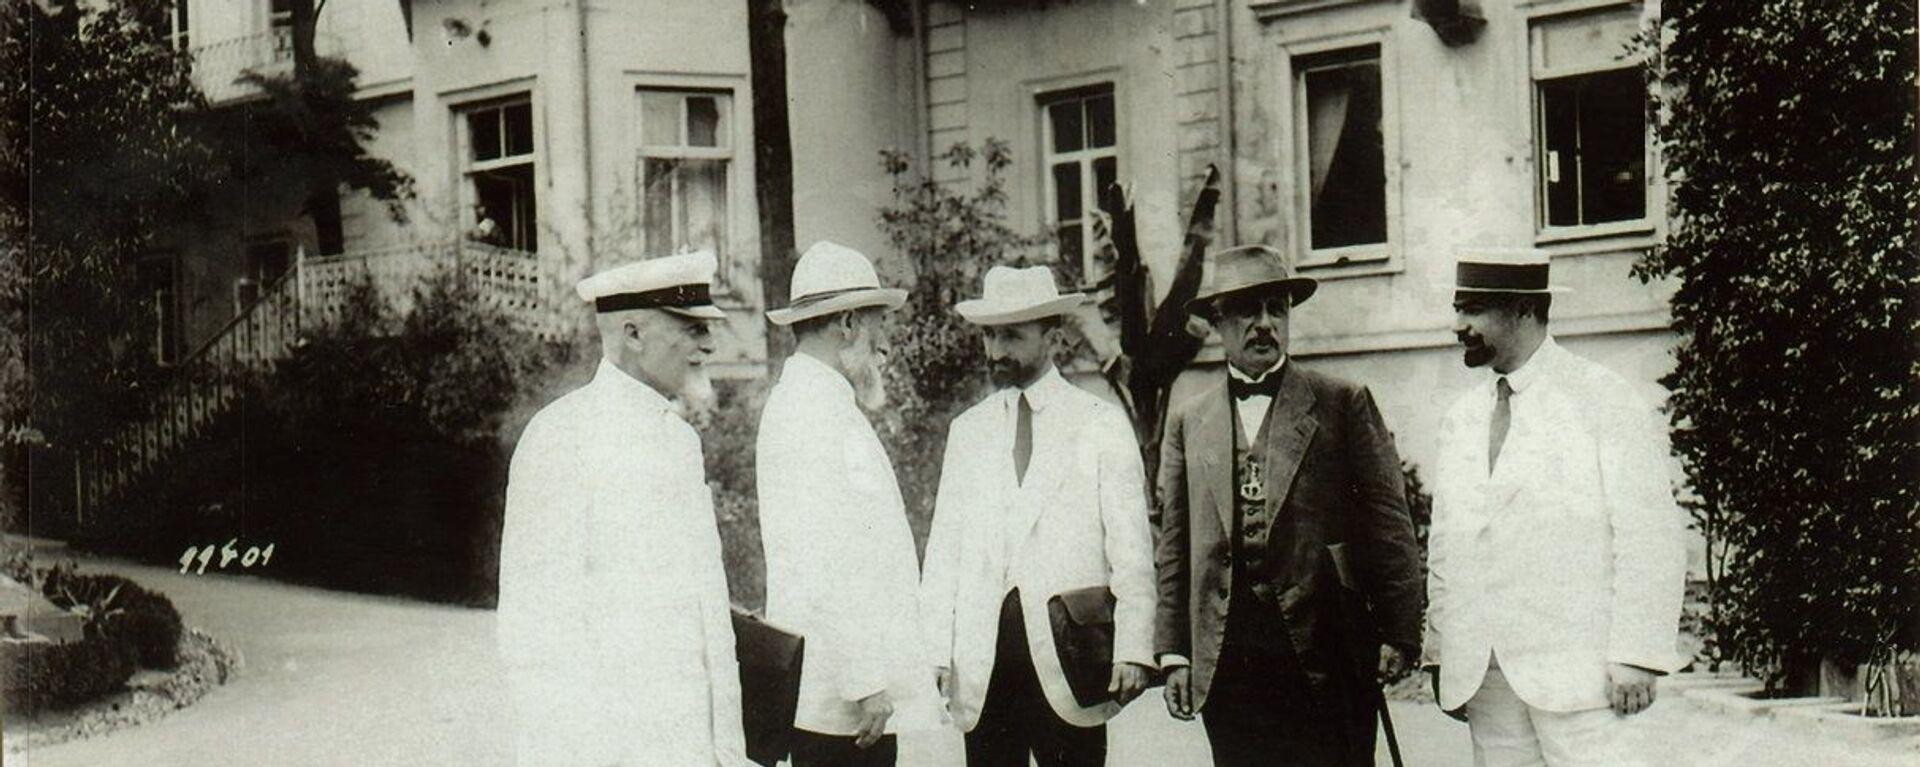 ნოე ჟორდანია და ნოე რამიშვილი (მარცხნიდან მესამე) საქართველოს მთავრობის სხვა წევრებთან ერთად - Sputnik საქართველო, 1920, 18.12.2020